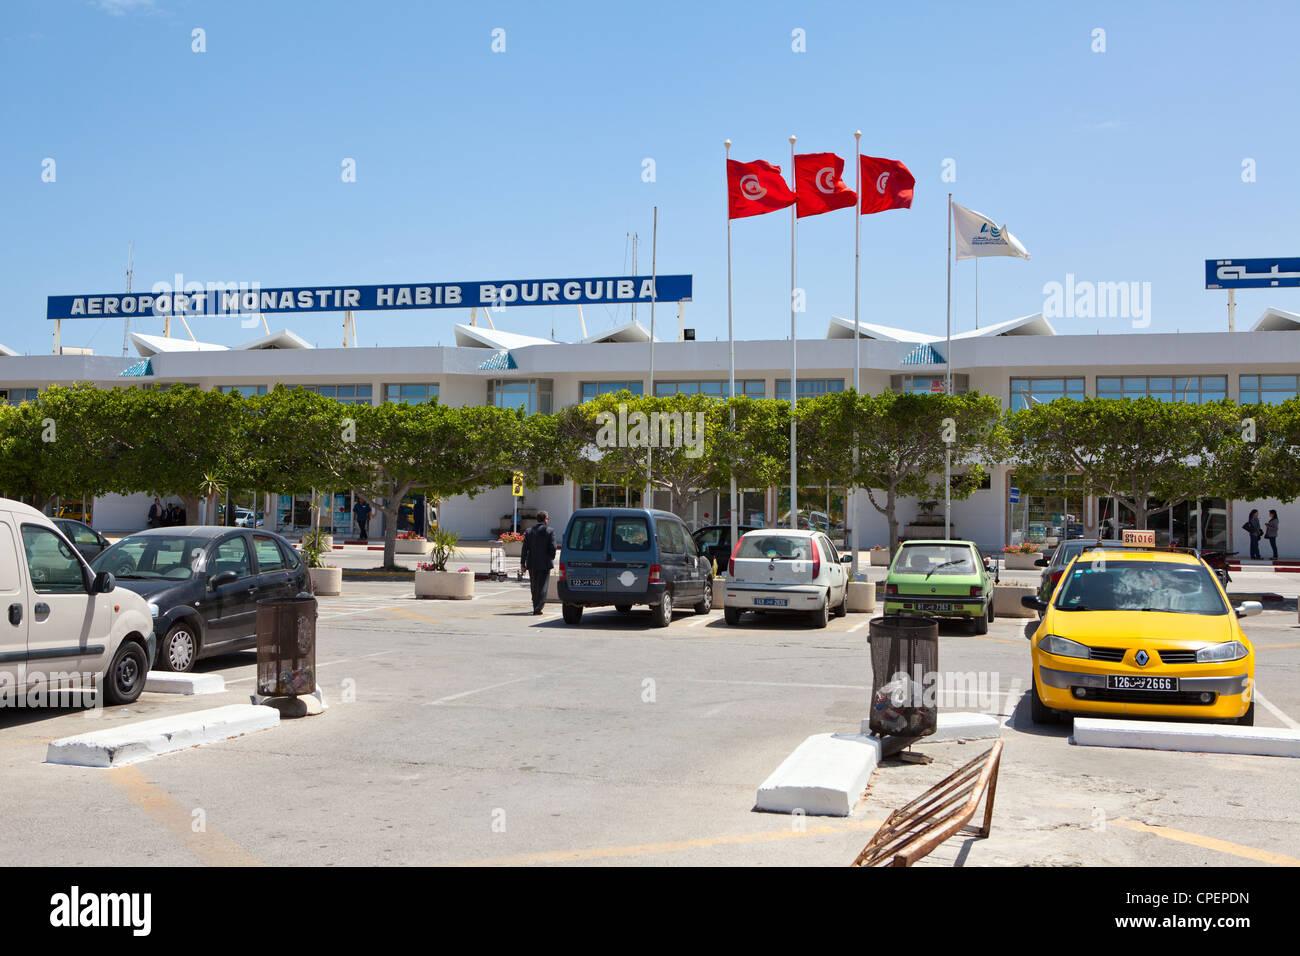 Oaca l 39 office de l 39 aviation civile et des aroports tunisia - Office de l aviation civile et des aeroports tunisie ...